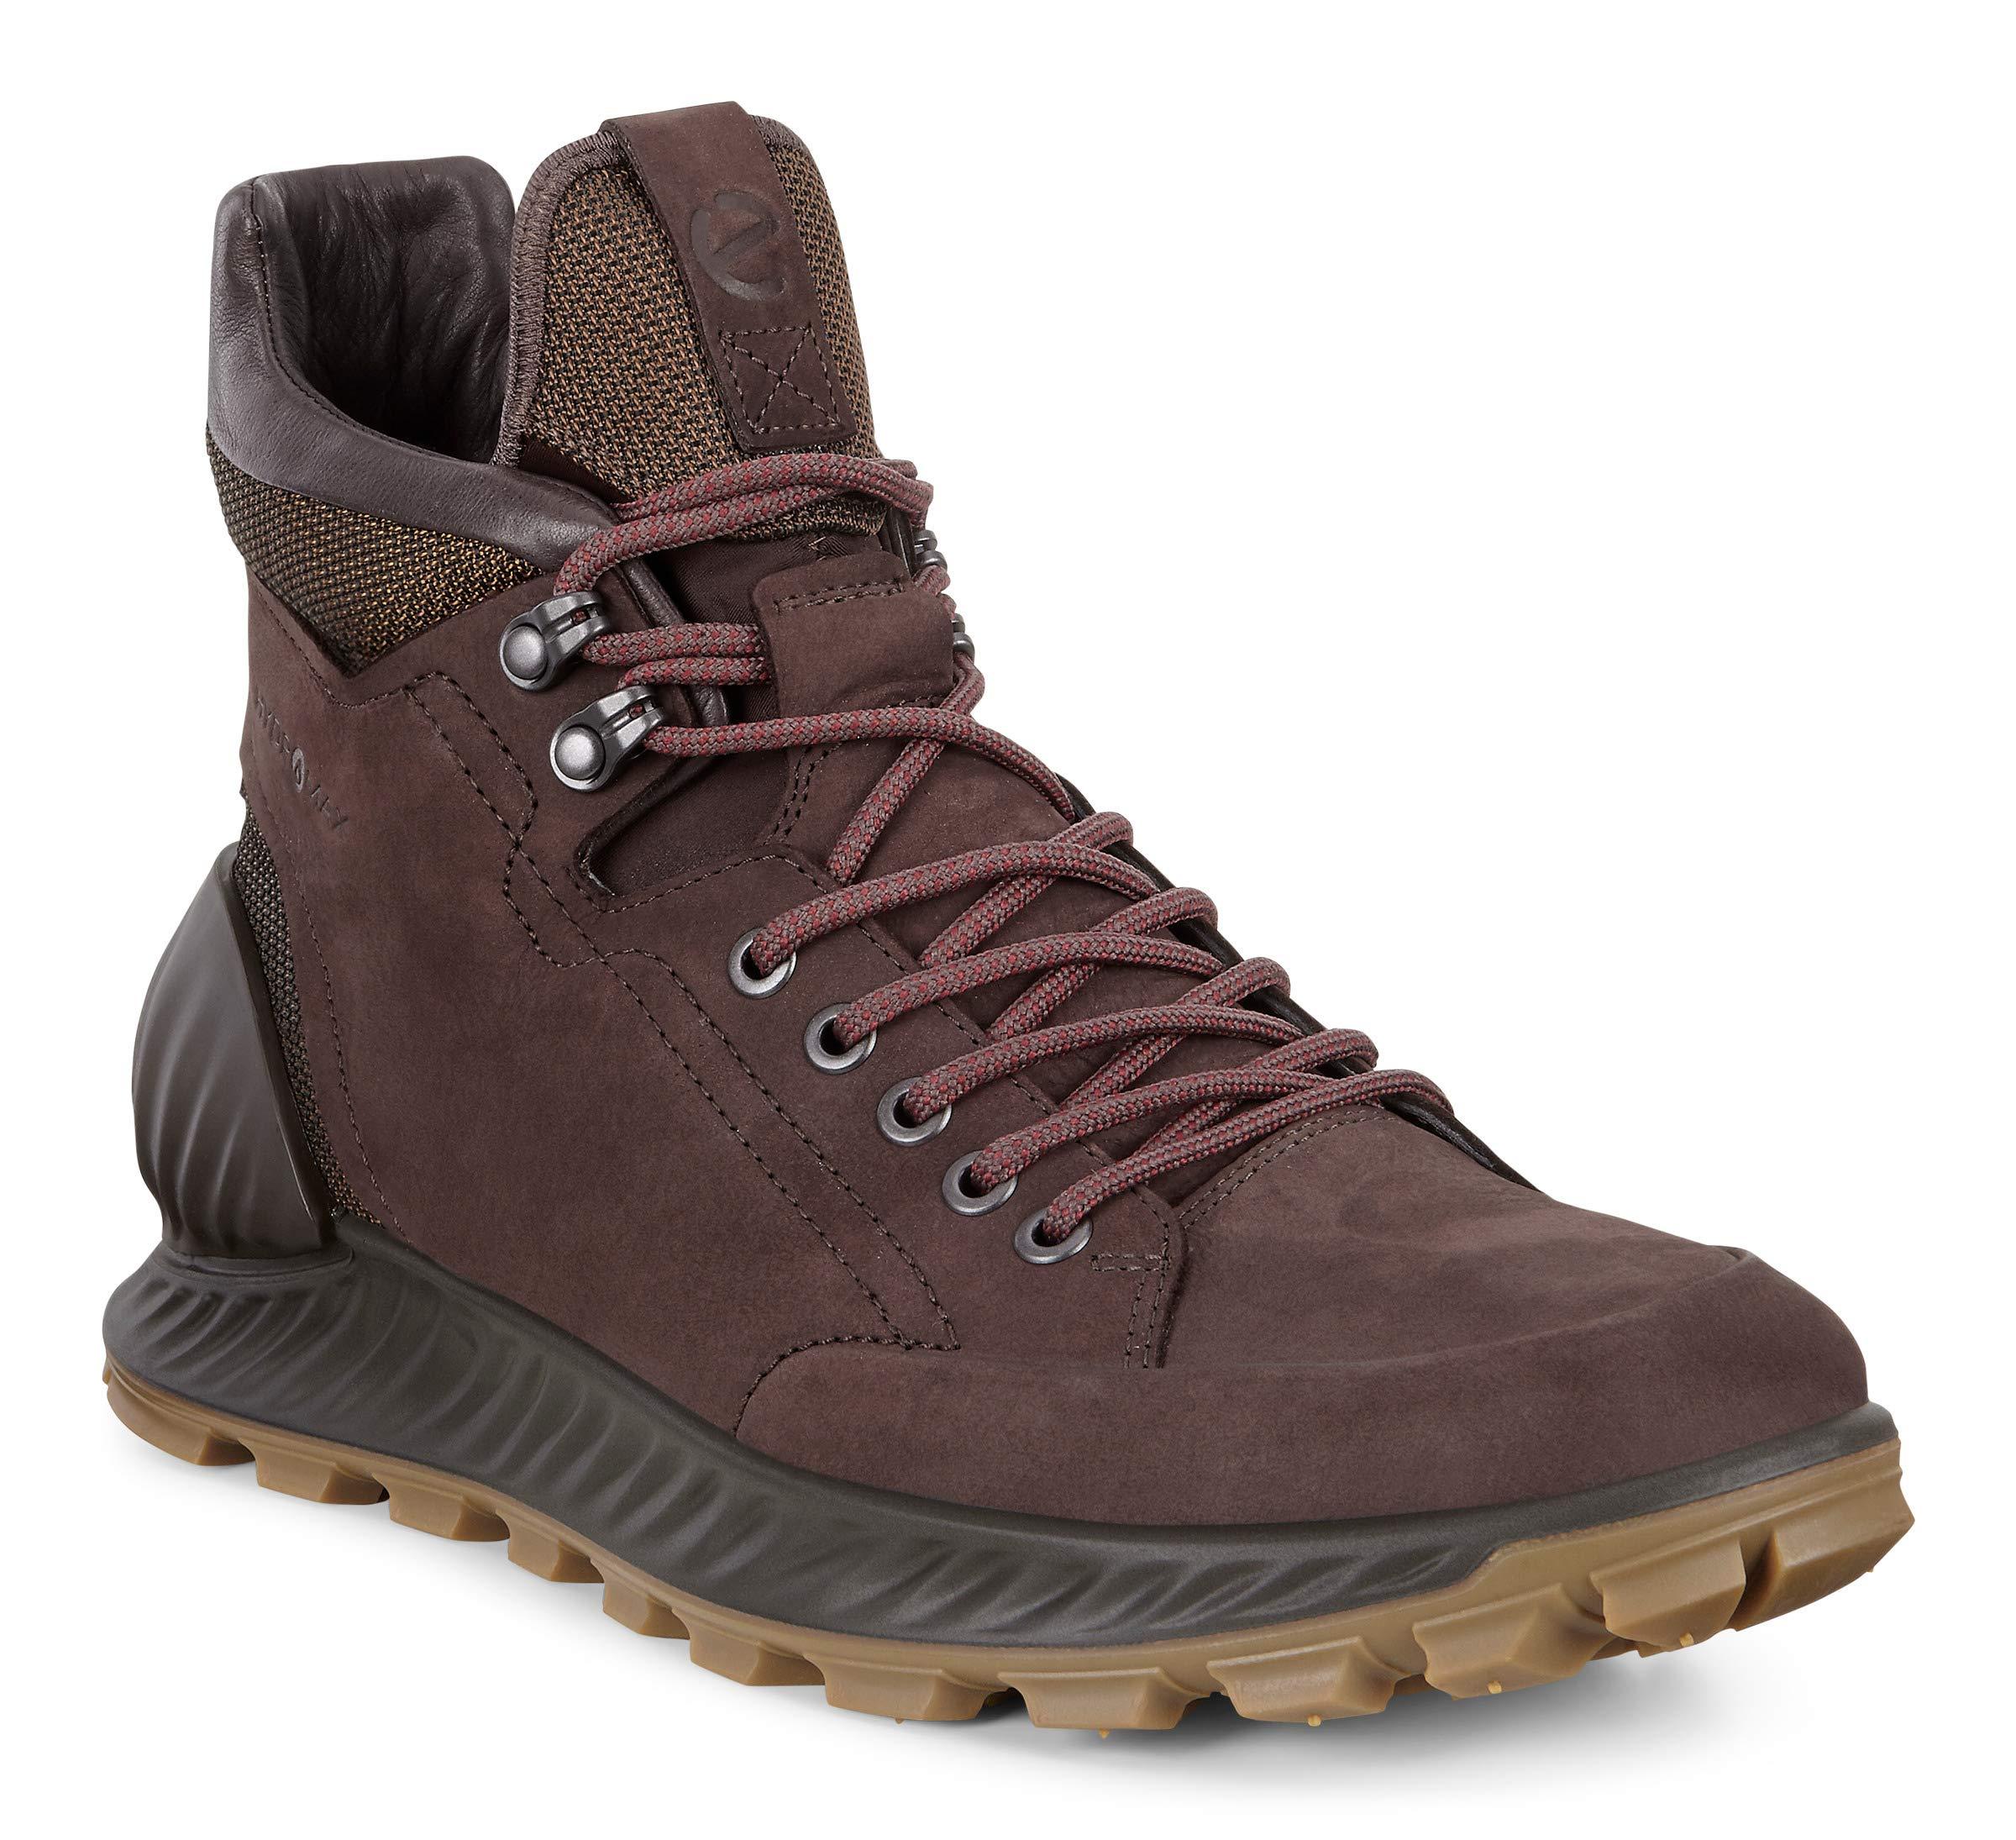 ファルコン-IIリュック3Pアウトドアバックパック0513を攻撃中立戦術的なナイロンECCO愛ステップ画期的なシリーズメンズハイキングシューズは、靴をハイキング